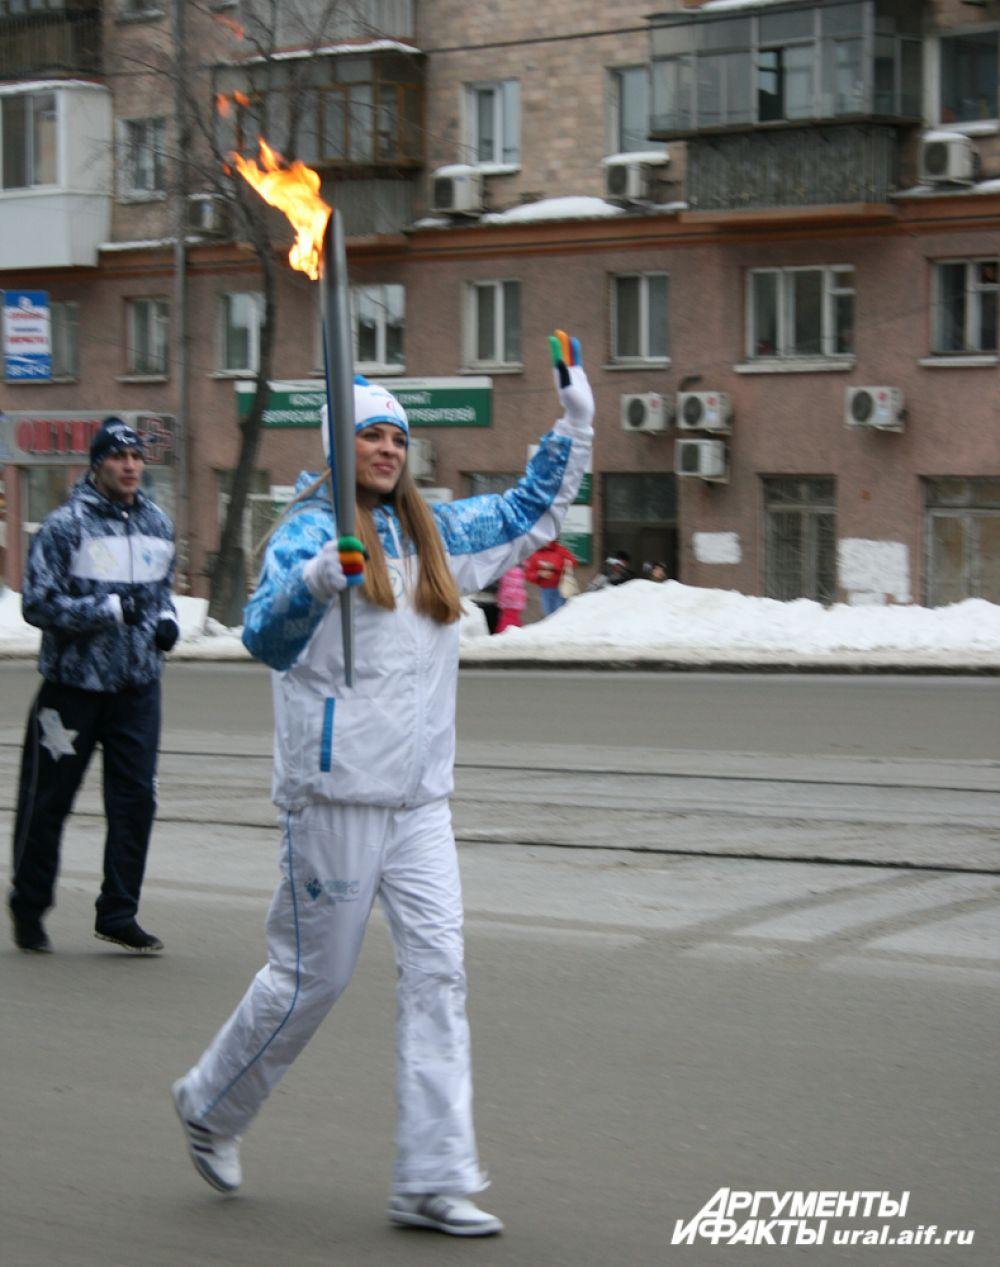 Вице-мисс Екатеринбурга 2012 года Ирина Визгалова неоднократно повторяла, что стать факелоносцем для нее большая честь.